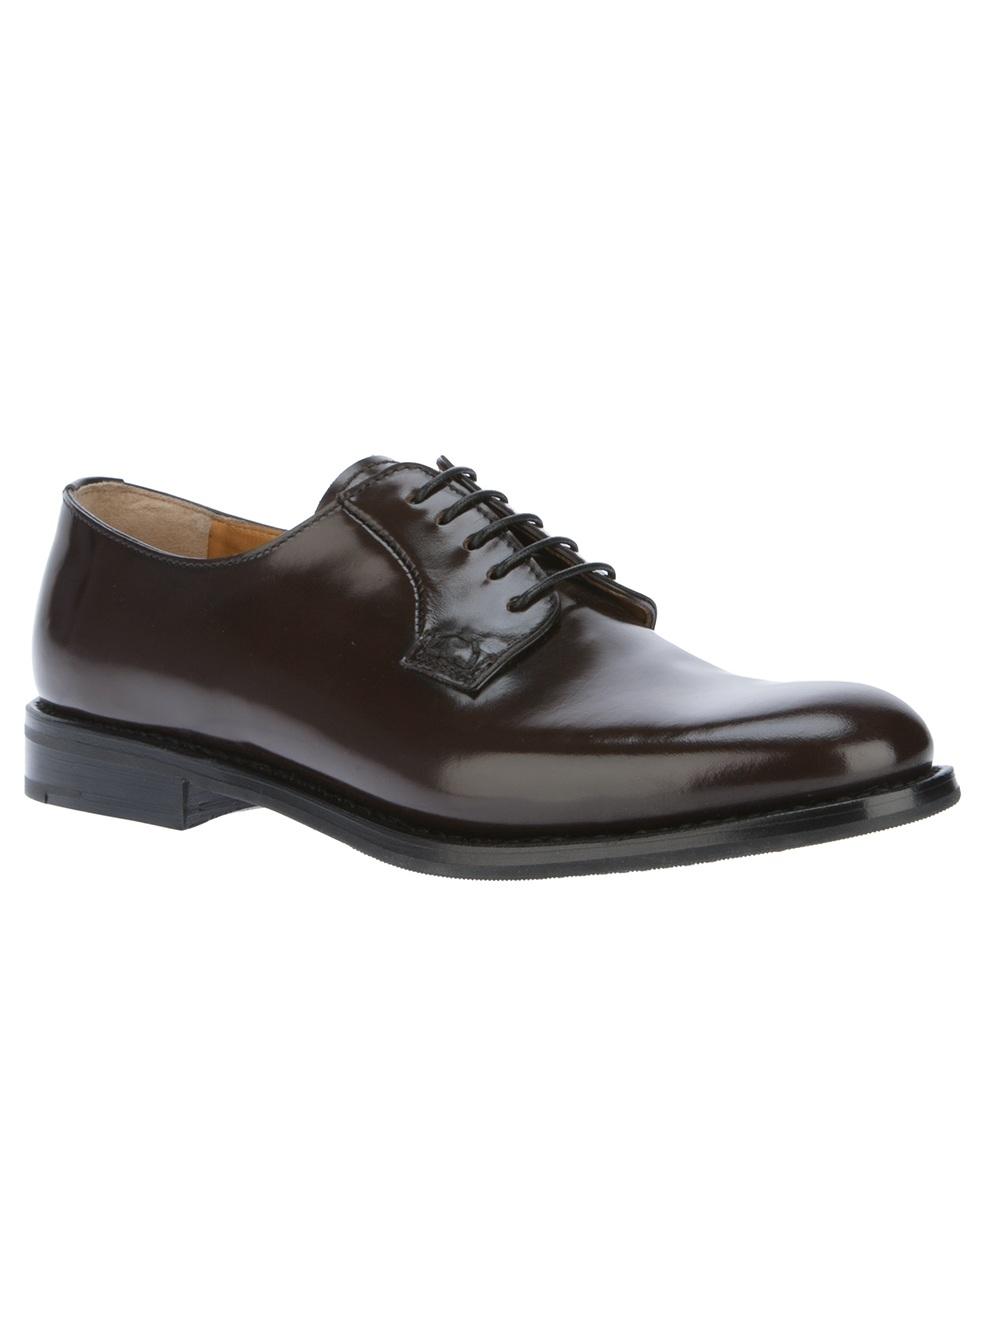 Michael Shannon Shoes Flats